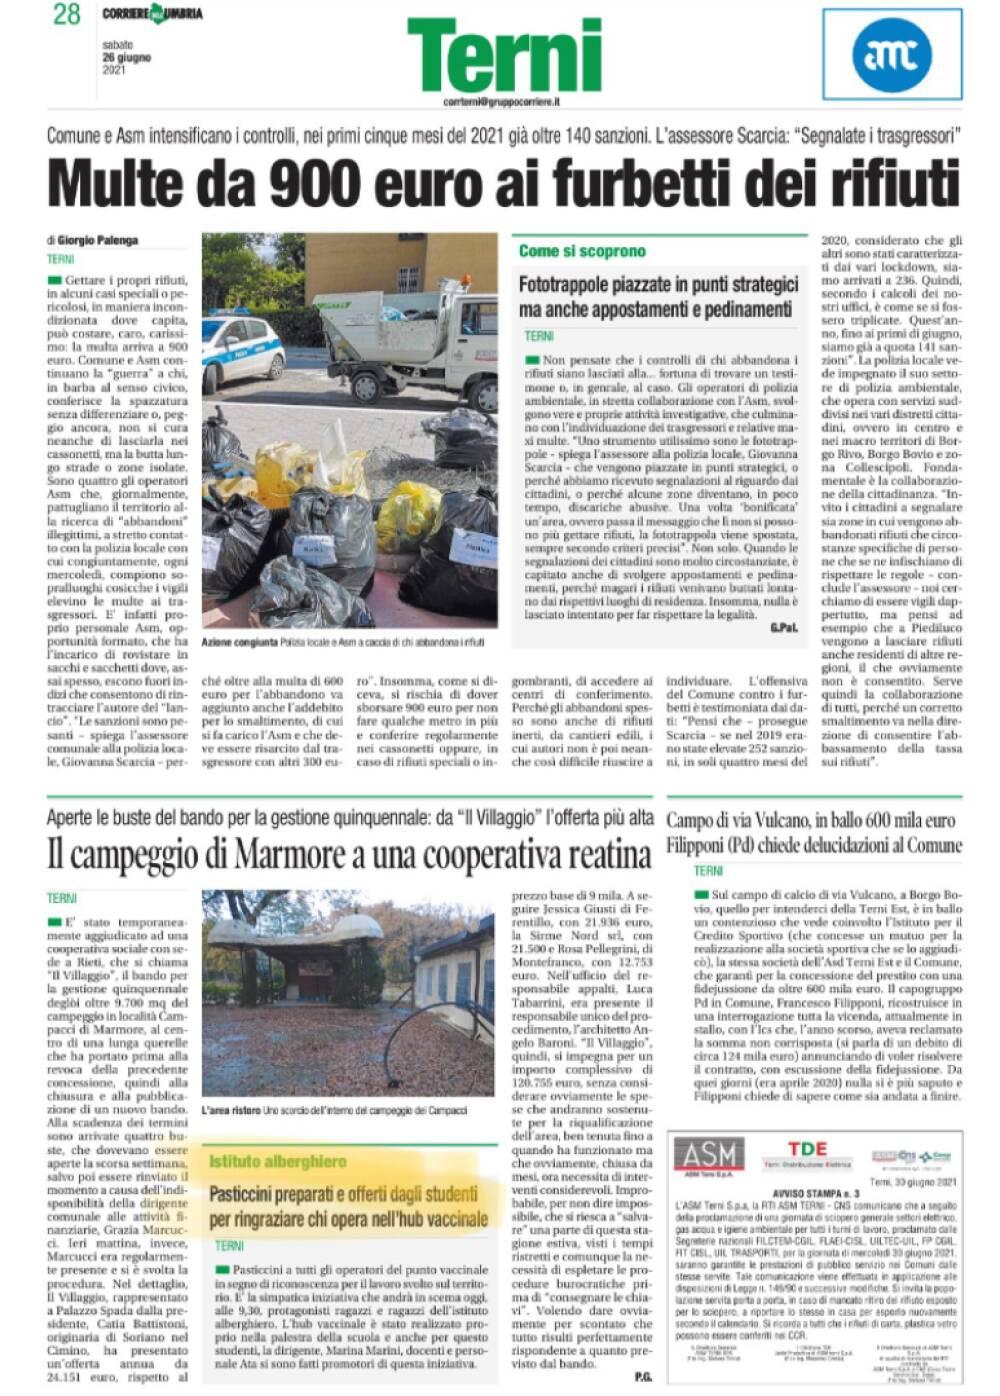 Dal corriere dell'Umbria 28 giugno 2021